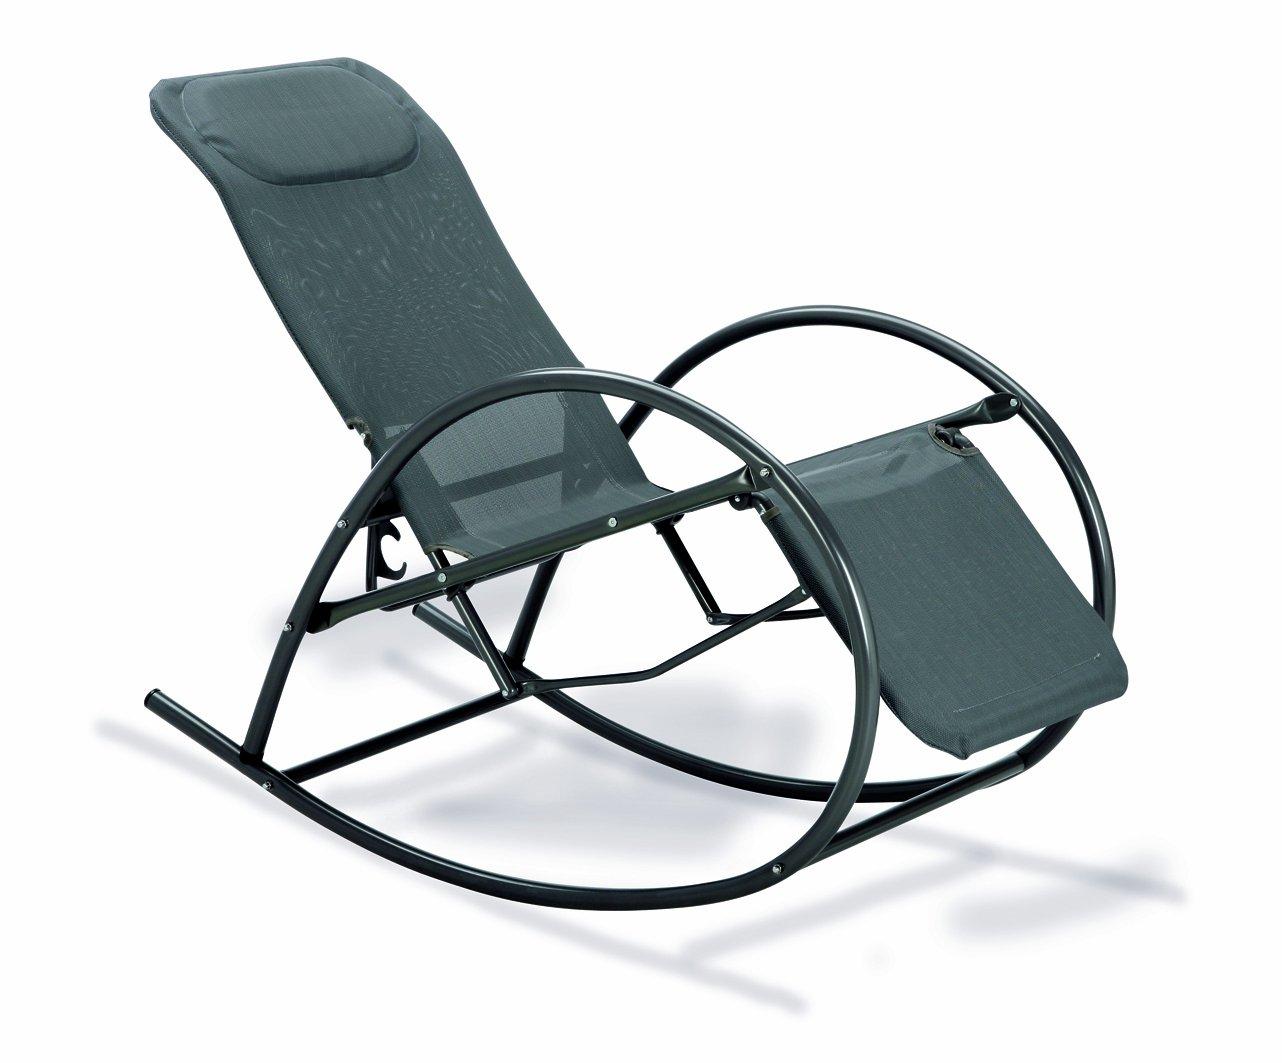 BEST 38470050 Relax-Schaukelstuhl Ancona, anthrazit jetzt kaufen